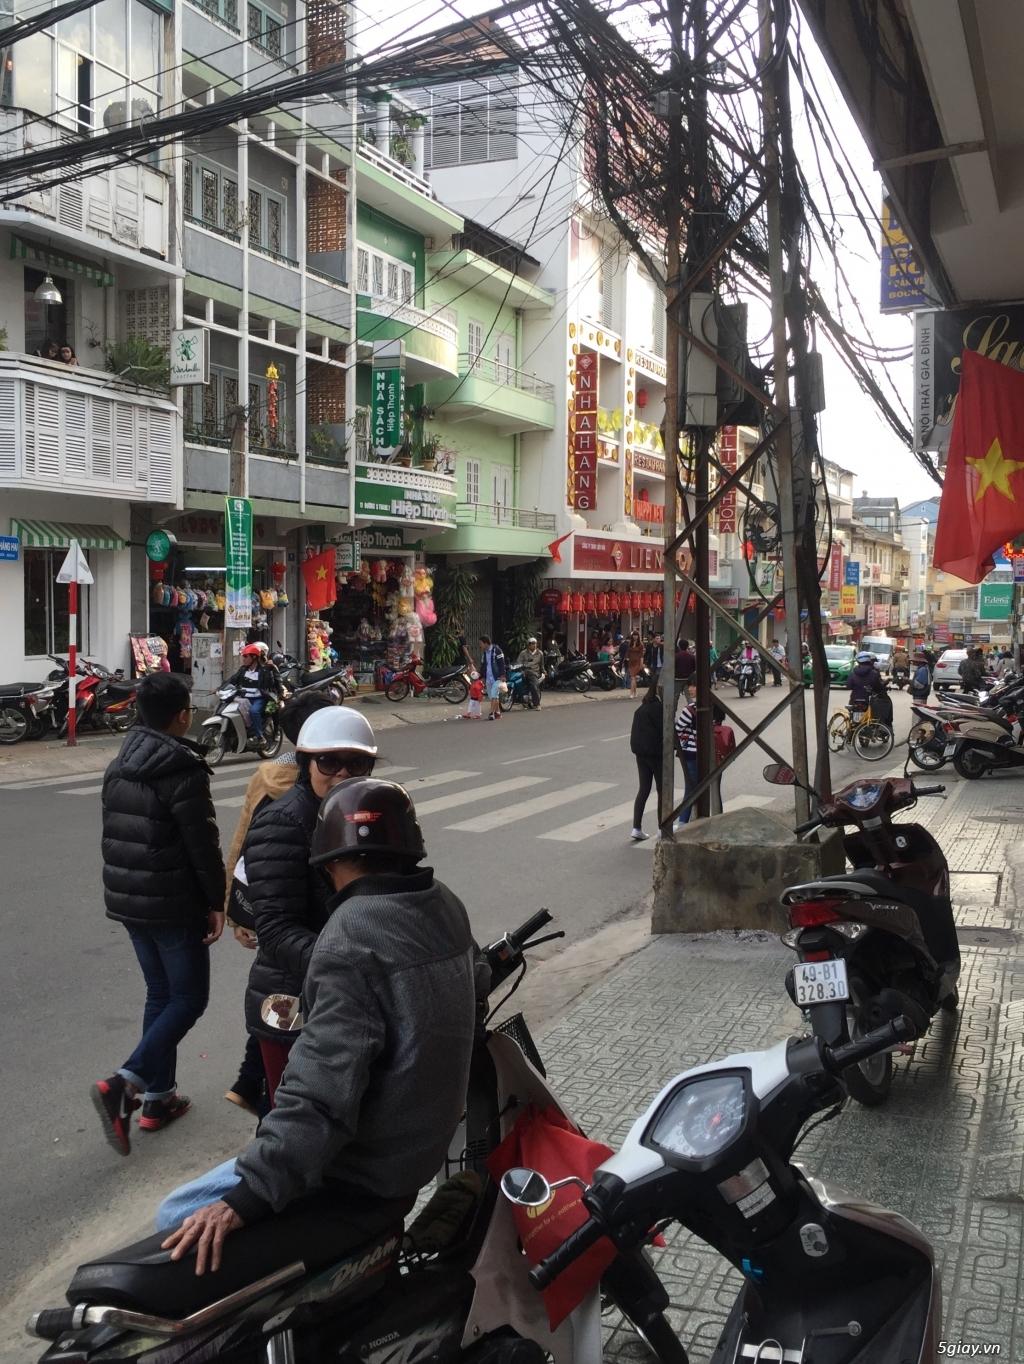 Đà Lạt - Khách sạn Nguyên Hiền ( Trung tâm cạnh chợ Đà Lạt - Giá cực kì hấp dẫn ). - 5